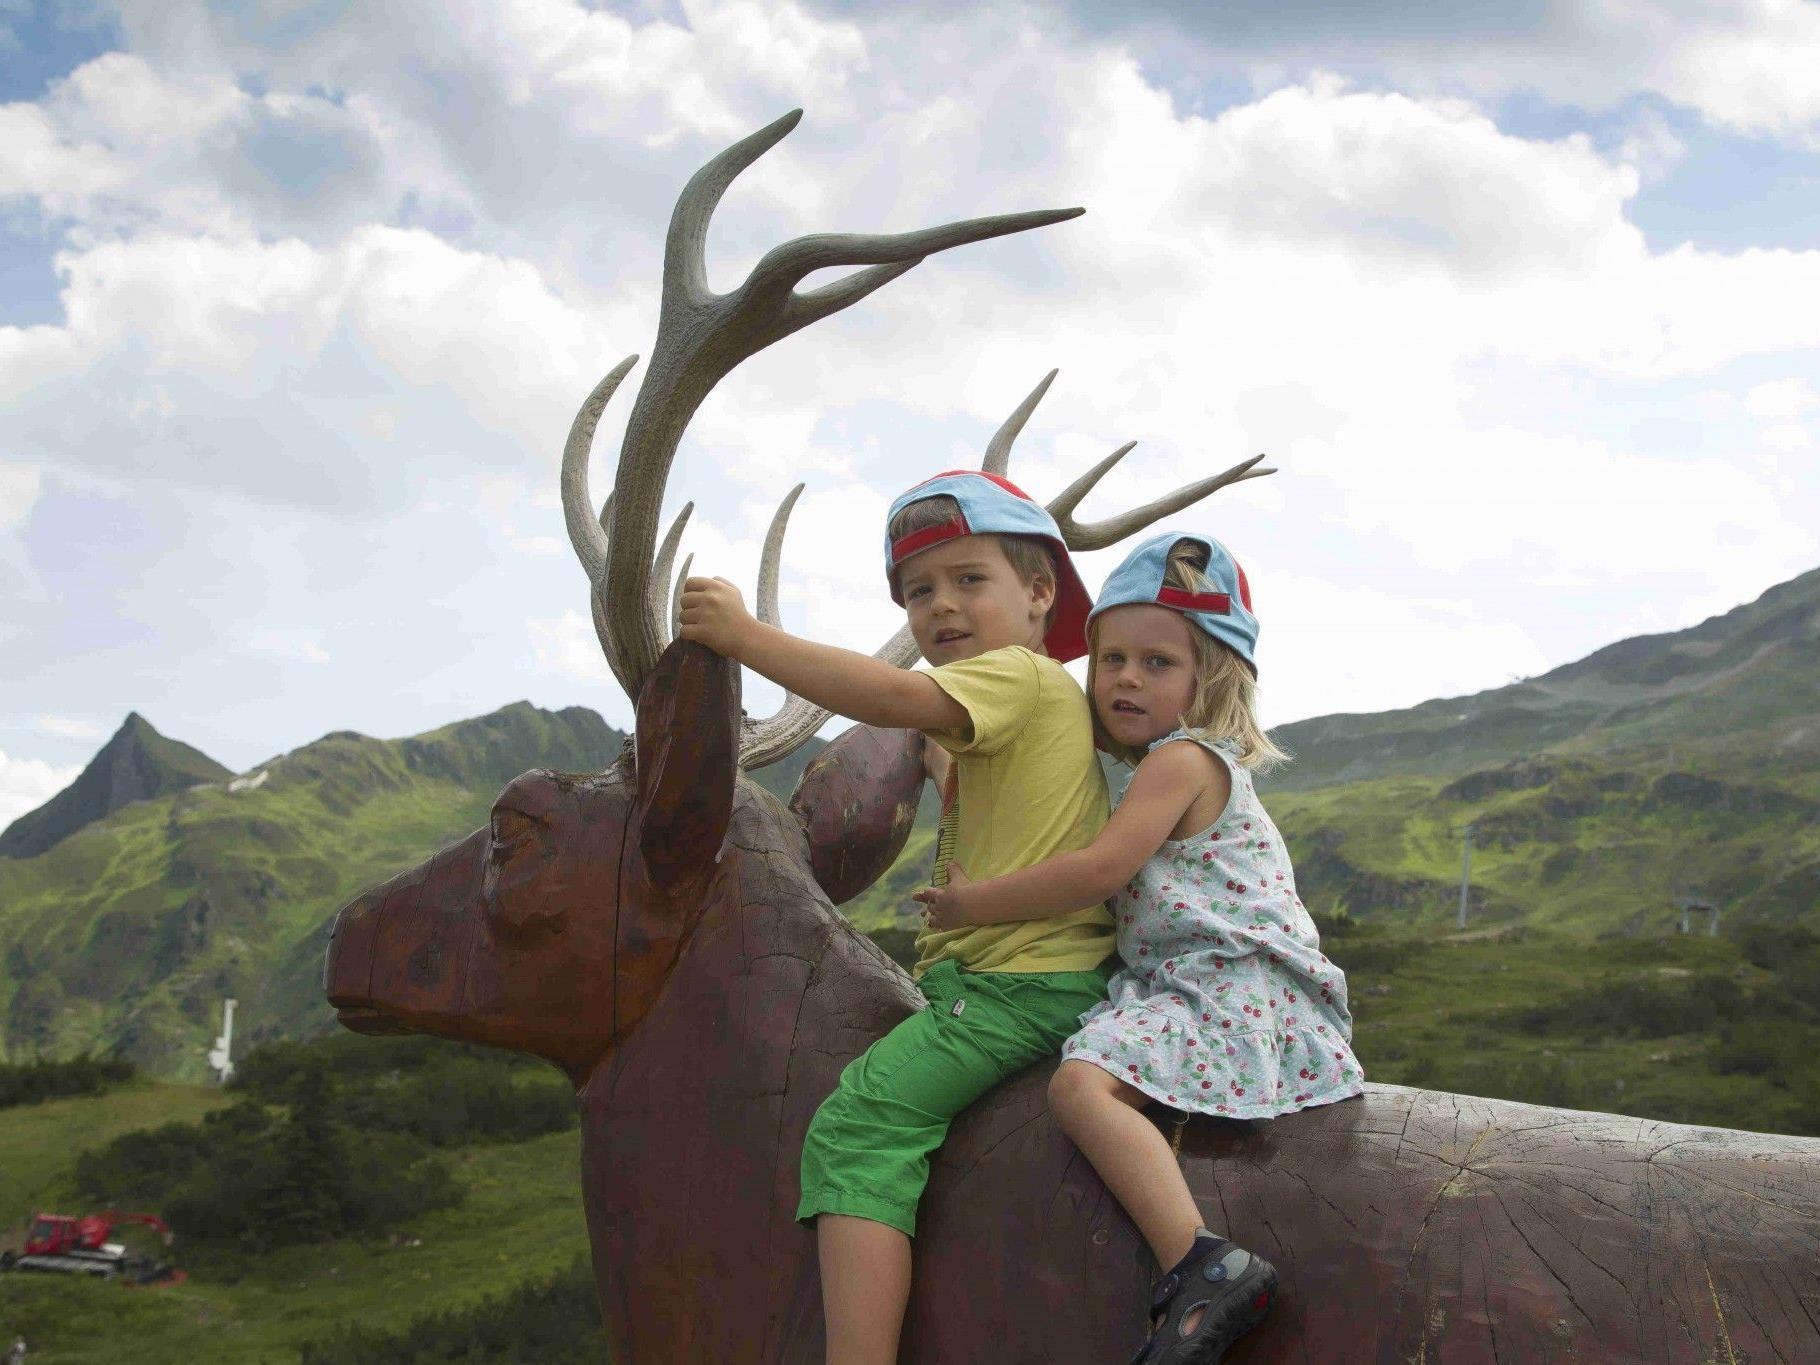 Keine Angst vor großen Tieren zeigten Pia und Liv aus Weiler. Schließlich war der Hirsch aus Holz und daher ganz zahm.